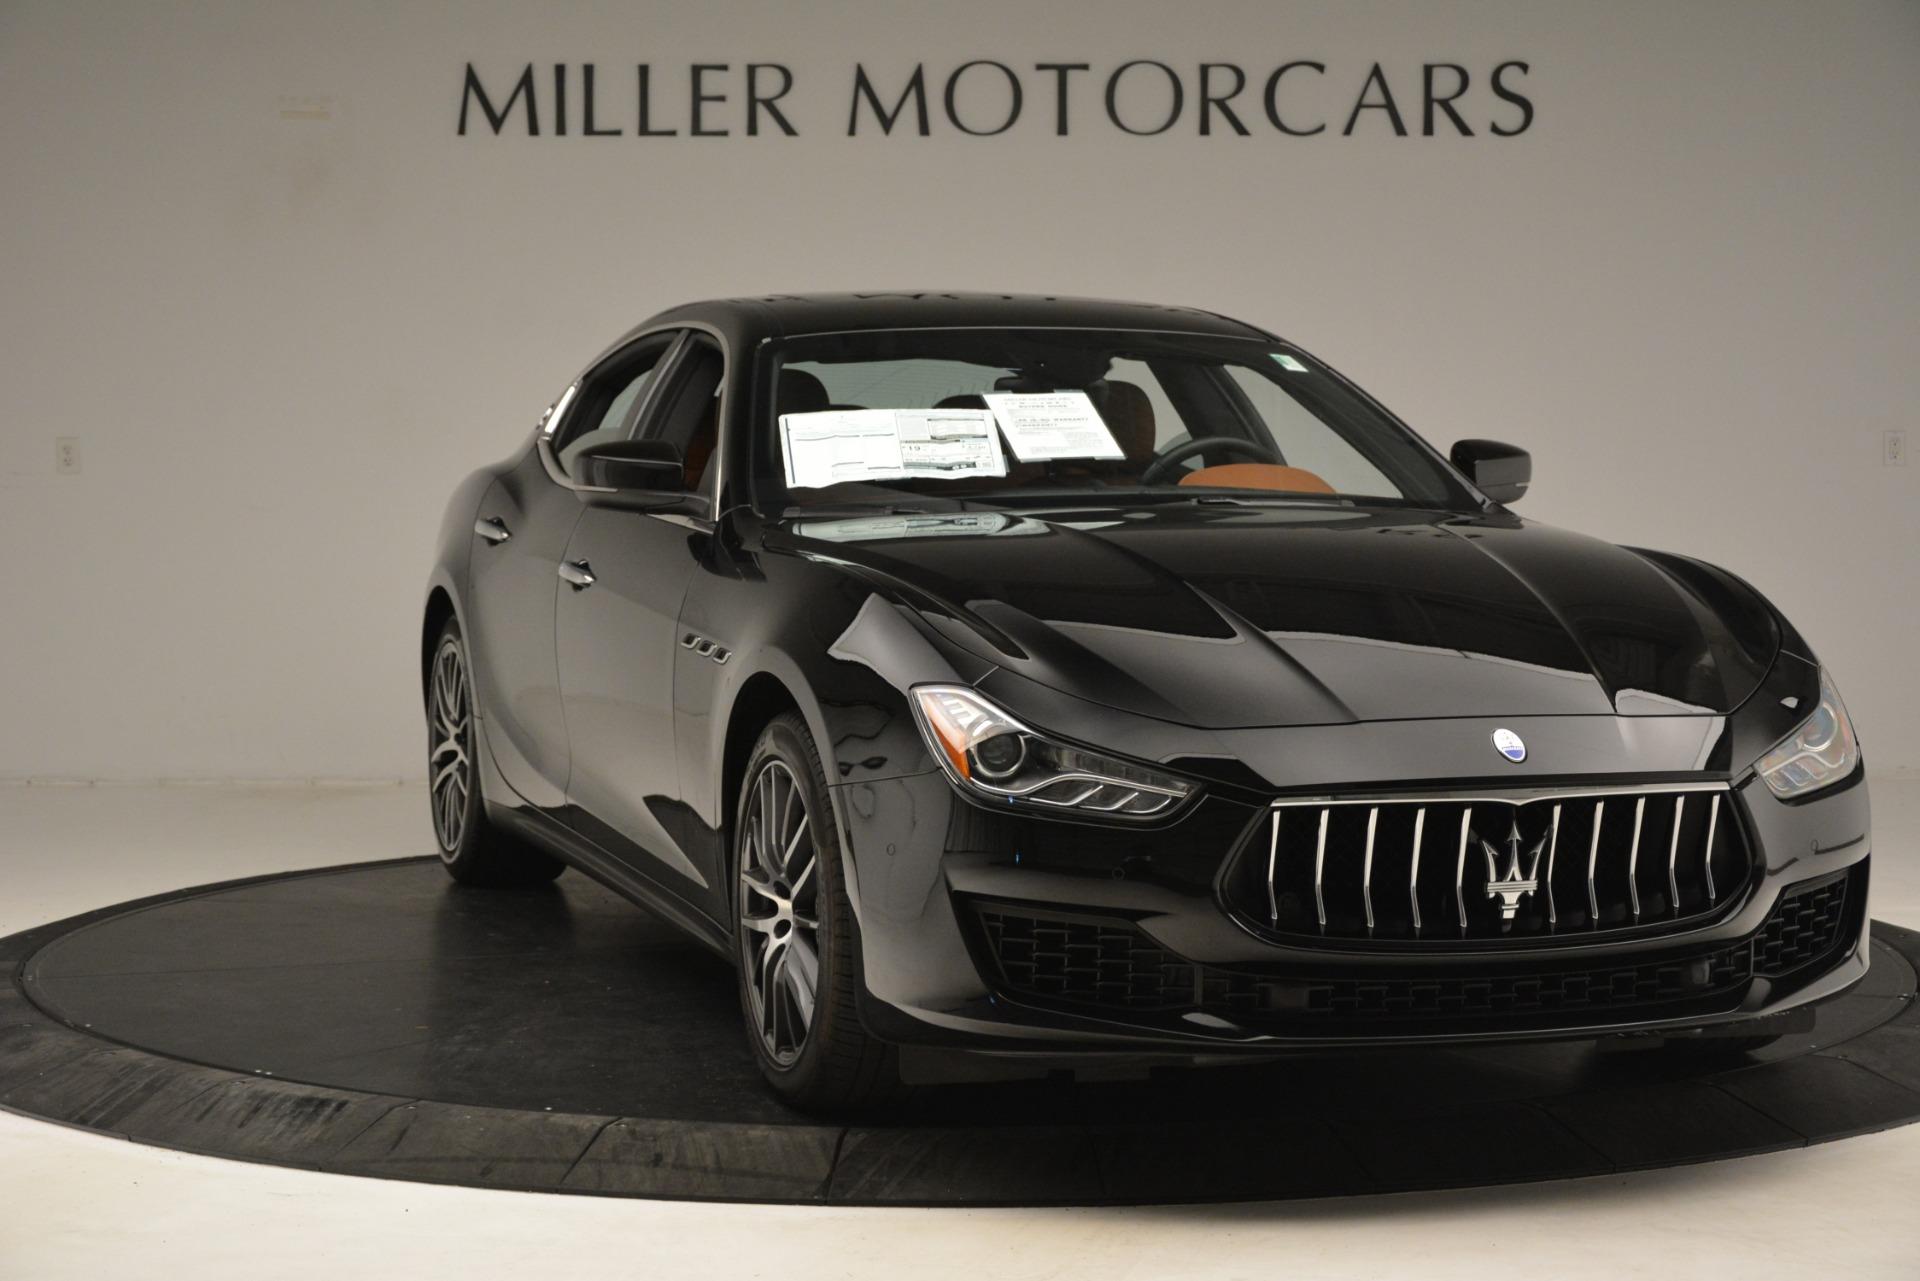 New 2019 Maserati Ghibli S Q4 For Sale In Greenwich, CT 2792_p11